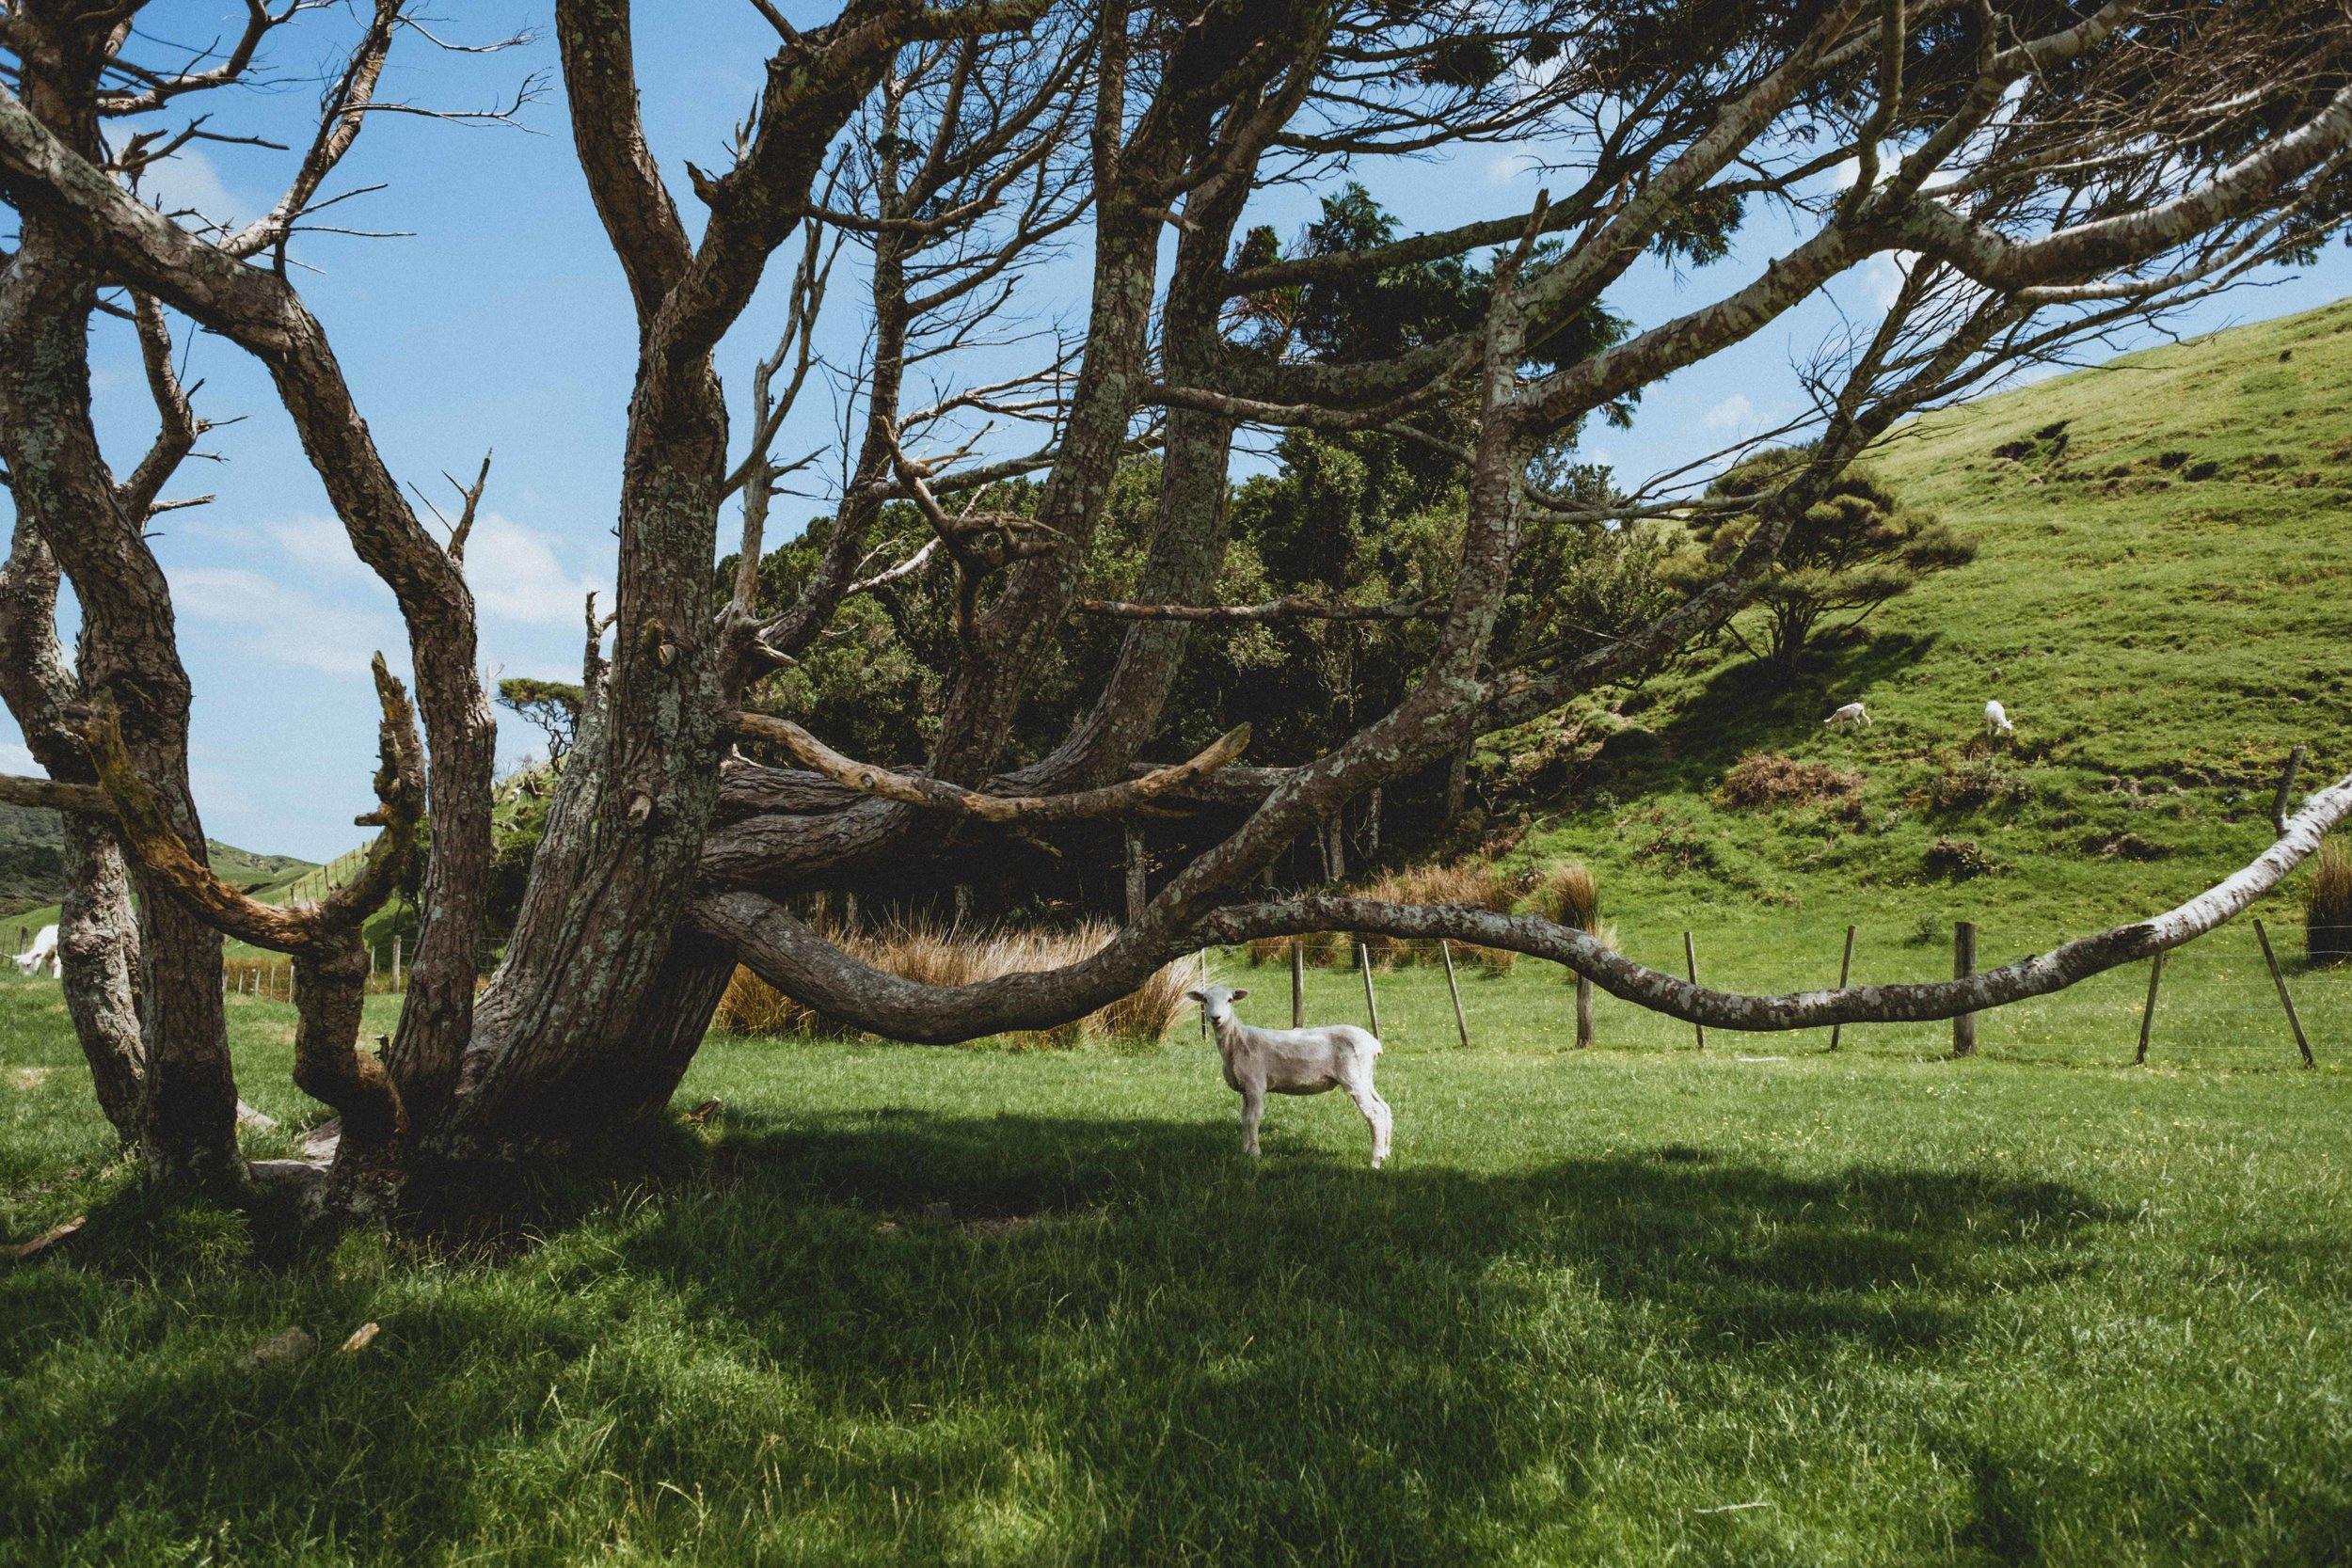 Un mouton sous un bel arbre, rencontré quand on traversait les collines pour aller vers la plage :)